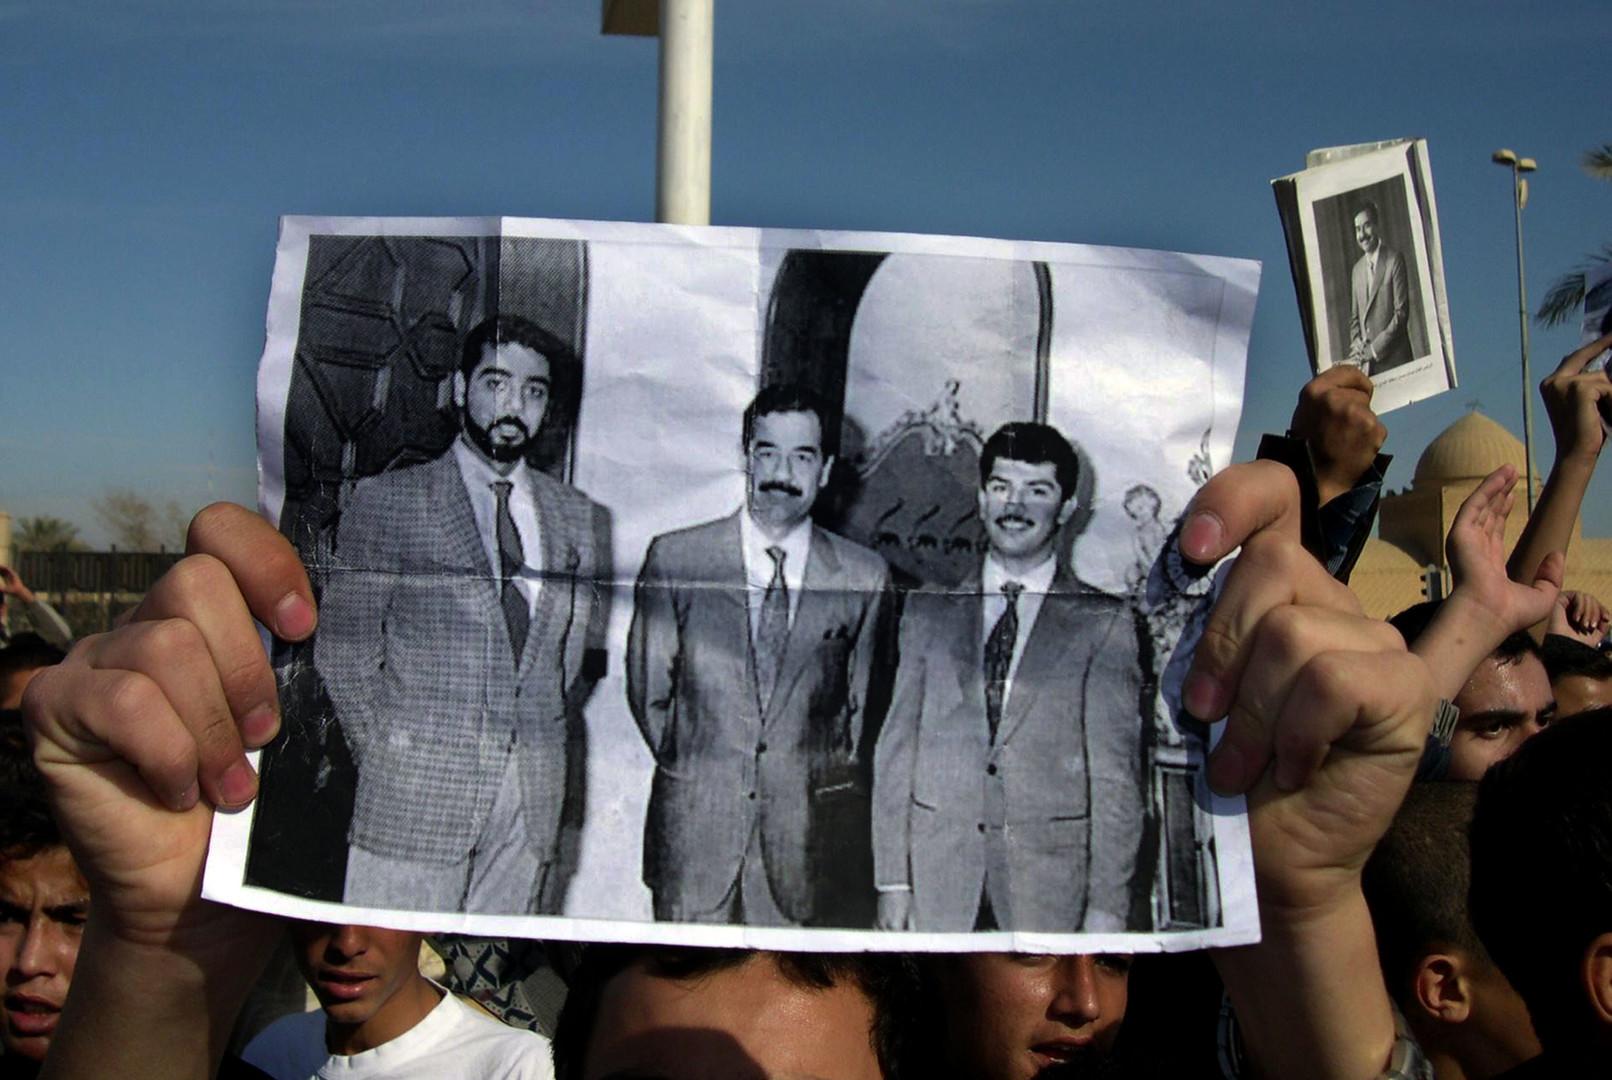 الكشف عن ملابسات نقل جثامين صدام حسين ونجليه من مقبرة في